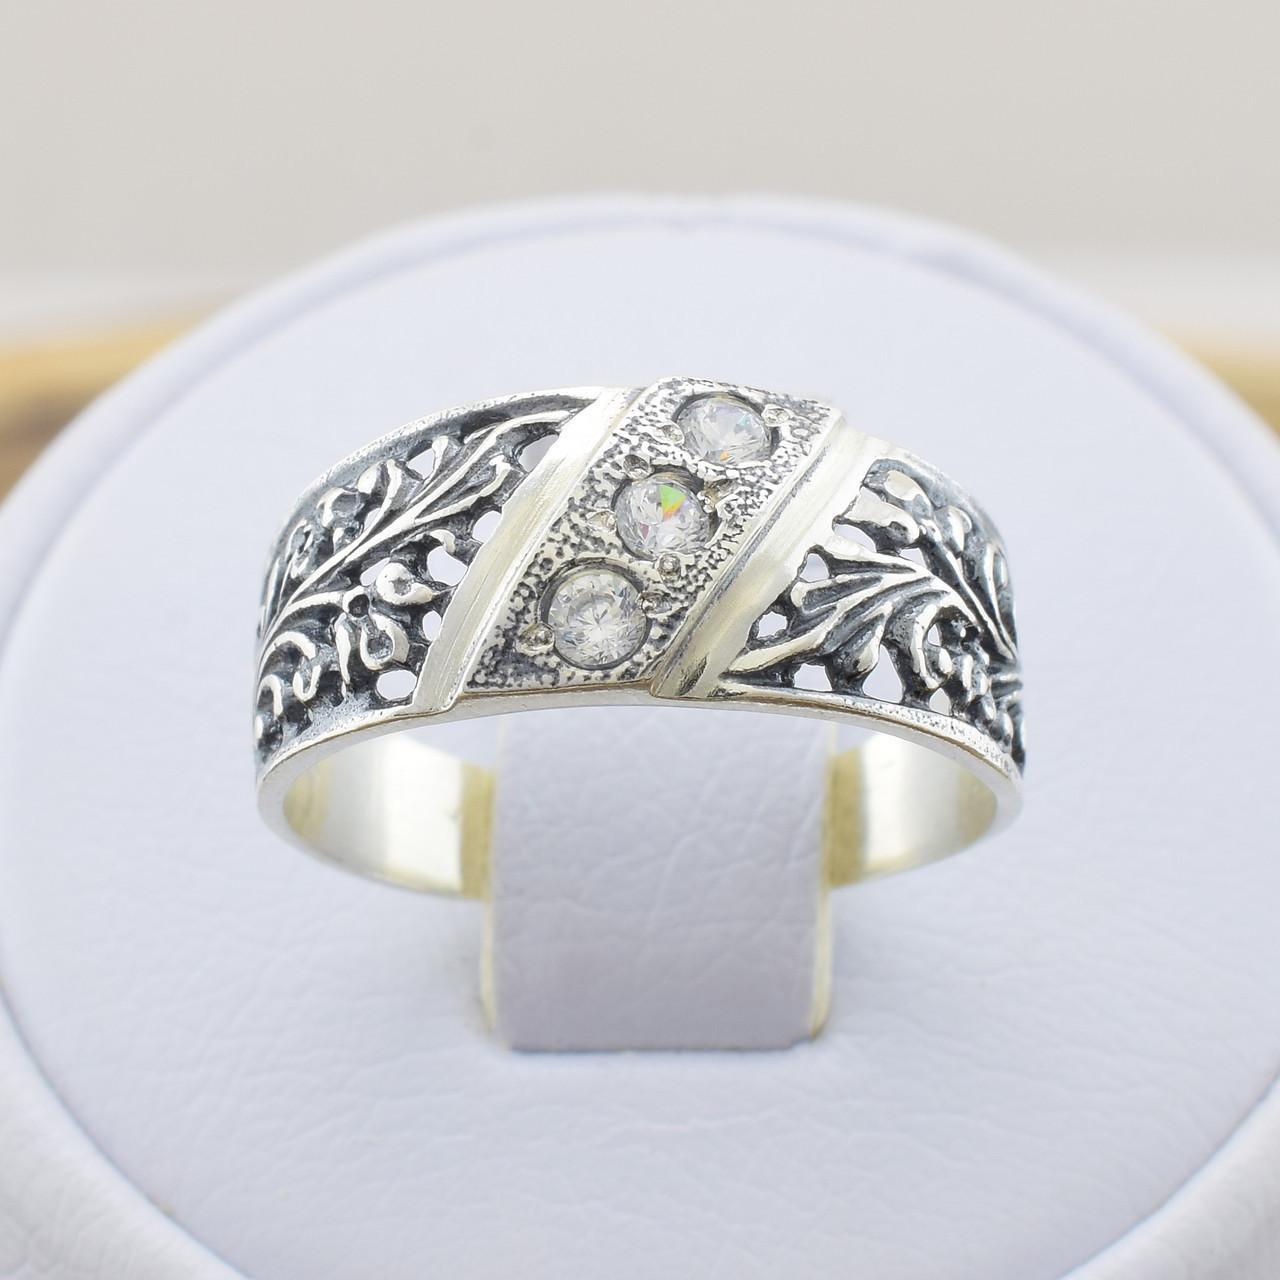 Серебряное кольцо Славяночка вставка белые фианиты вес 2.4 г размер 20.5